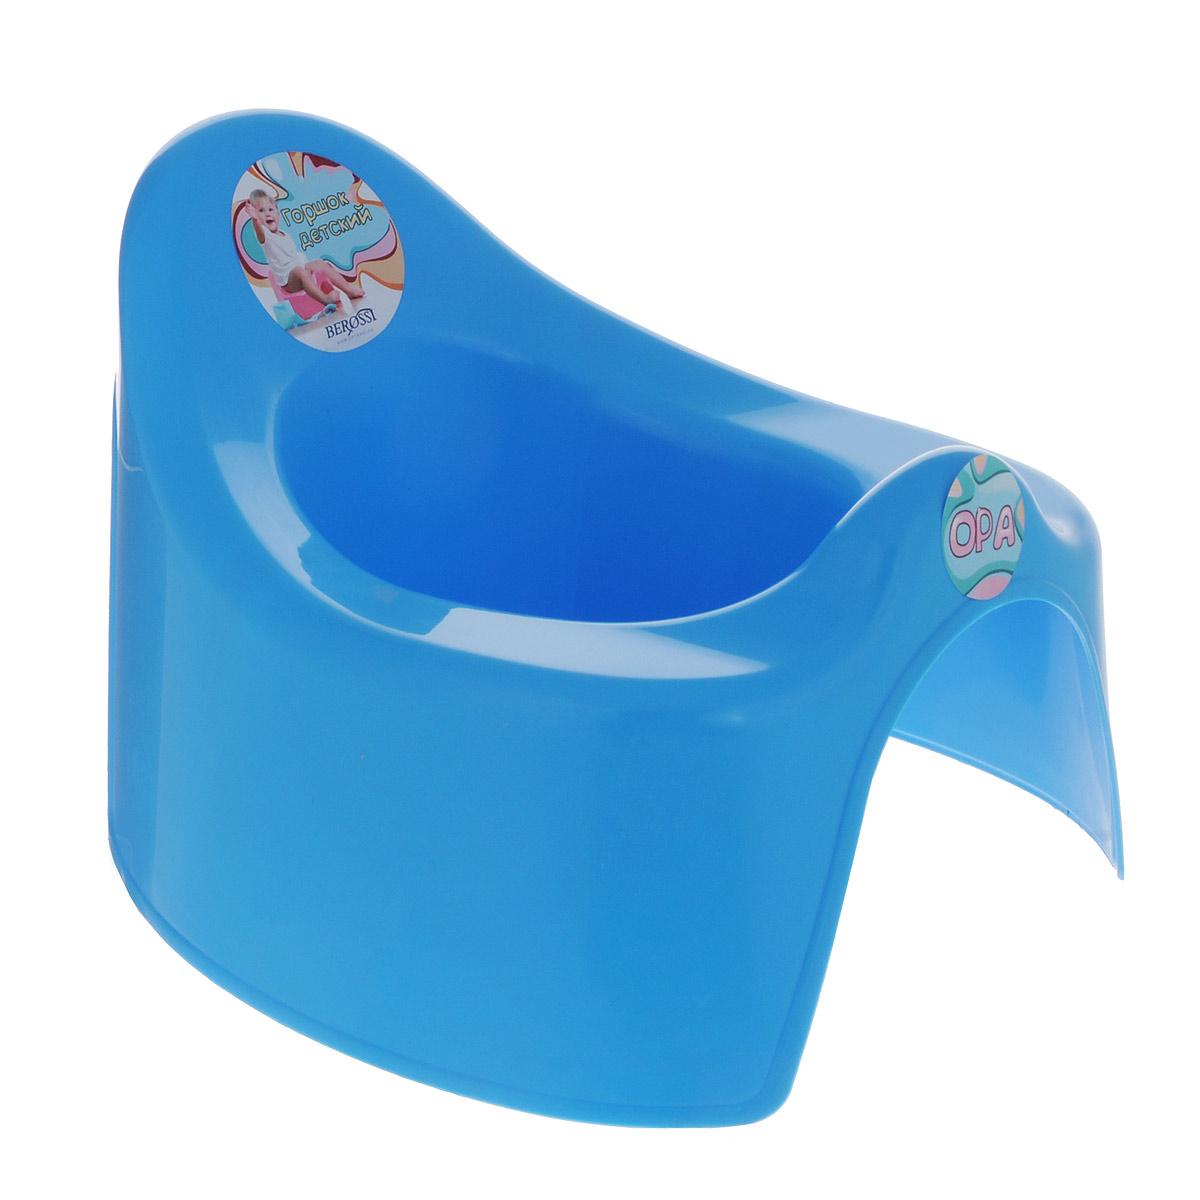 Горшок детский Berossi Opa, цвет: голубая лагунаАС21247Детский горшок Berossi Opa голубого цвета выполнен из безопасного пластика без содержания токсичных элементов. Анатомическая форма сиденья повторяет контуры тела ребенка, что обеспечивает ему максимальный комфорт. Горшок очень легкий и имеет гладкую закругленную поверхность, которую легко мыть.